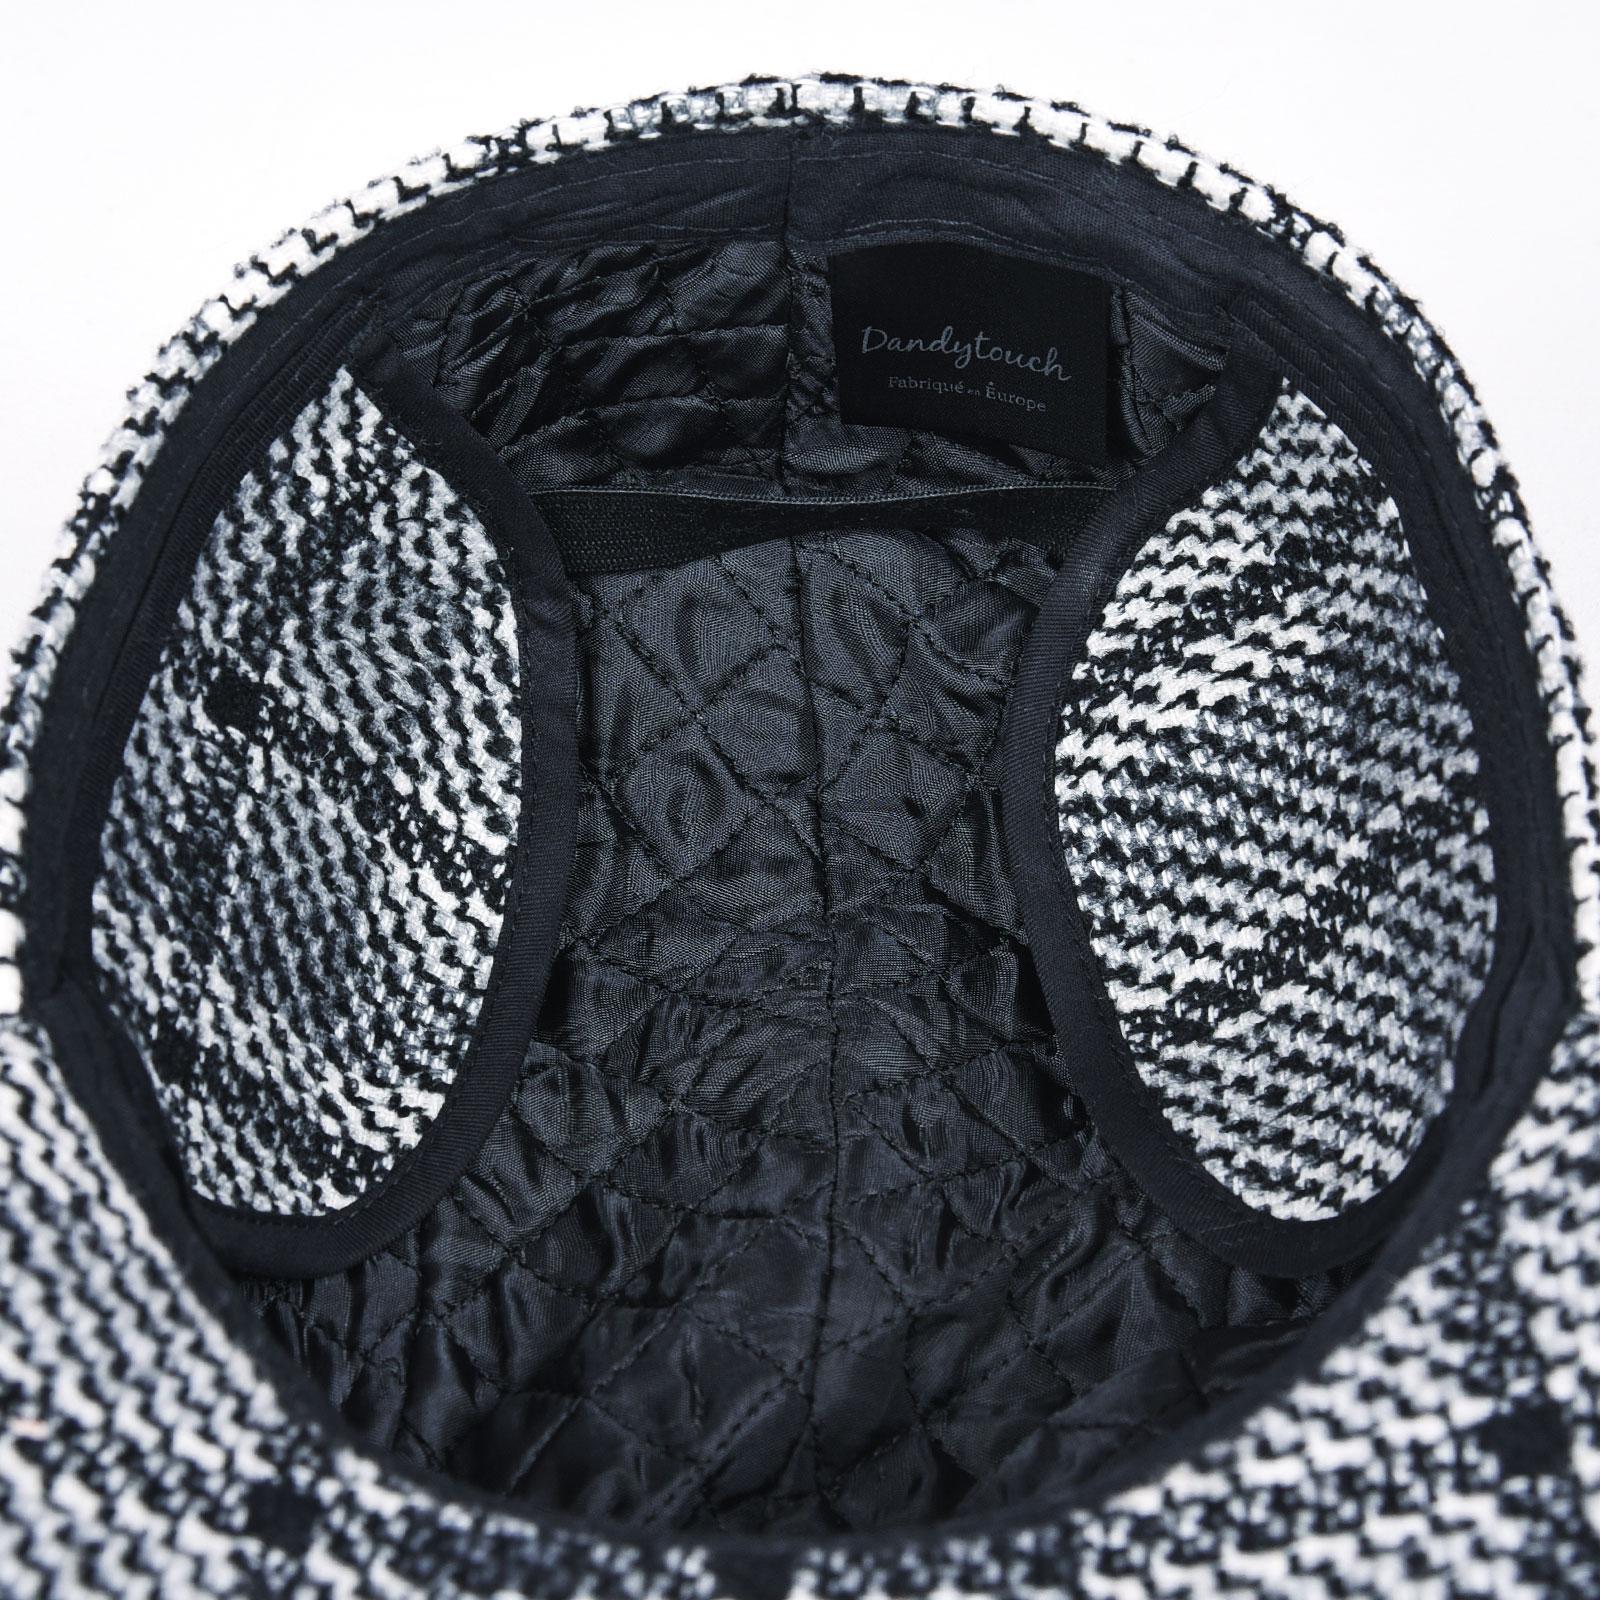 CP-01010-D16-casquette-homme-noire-carreaux